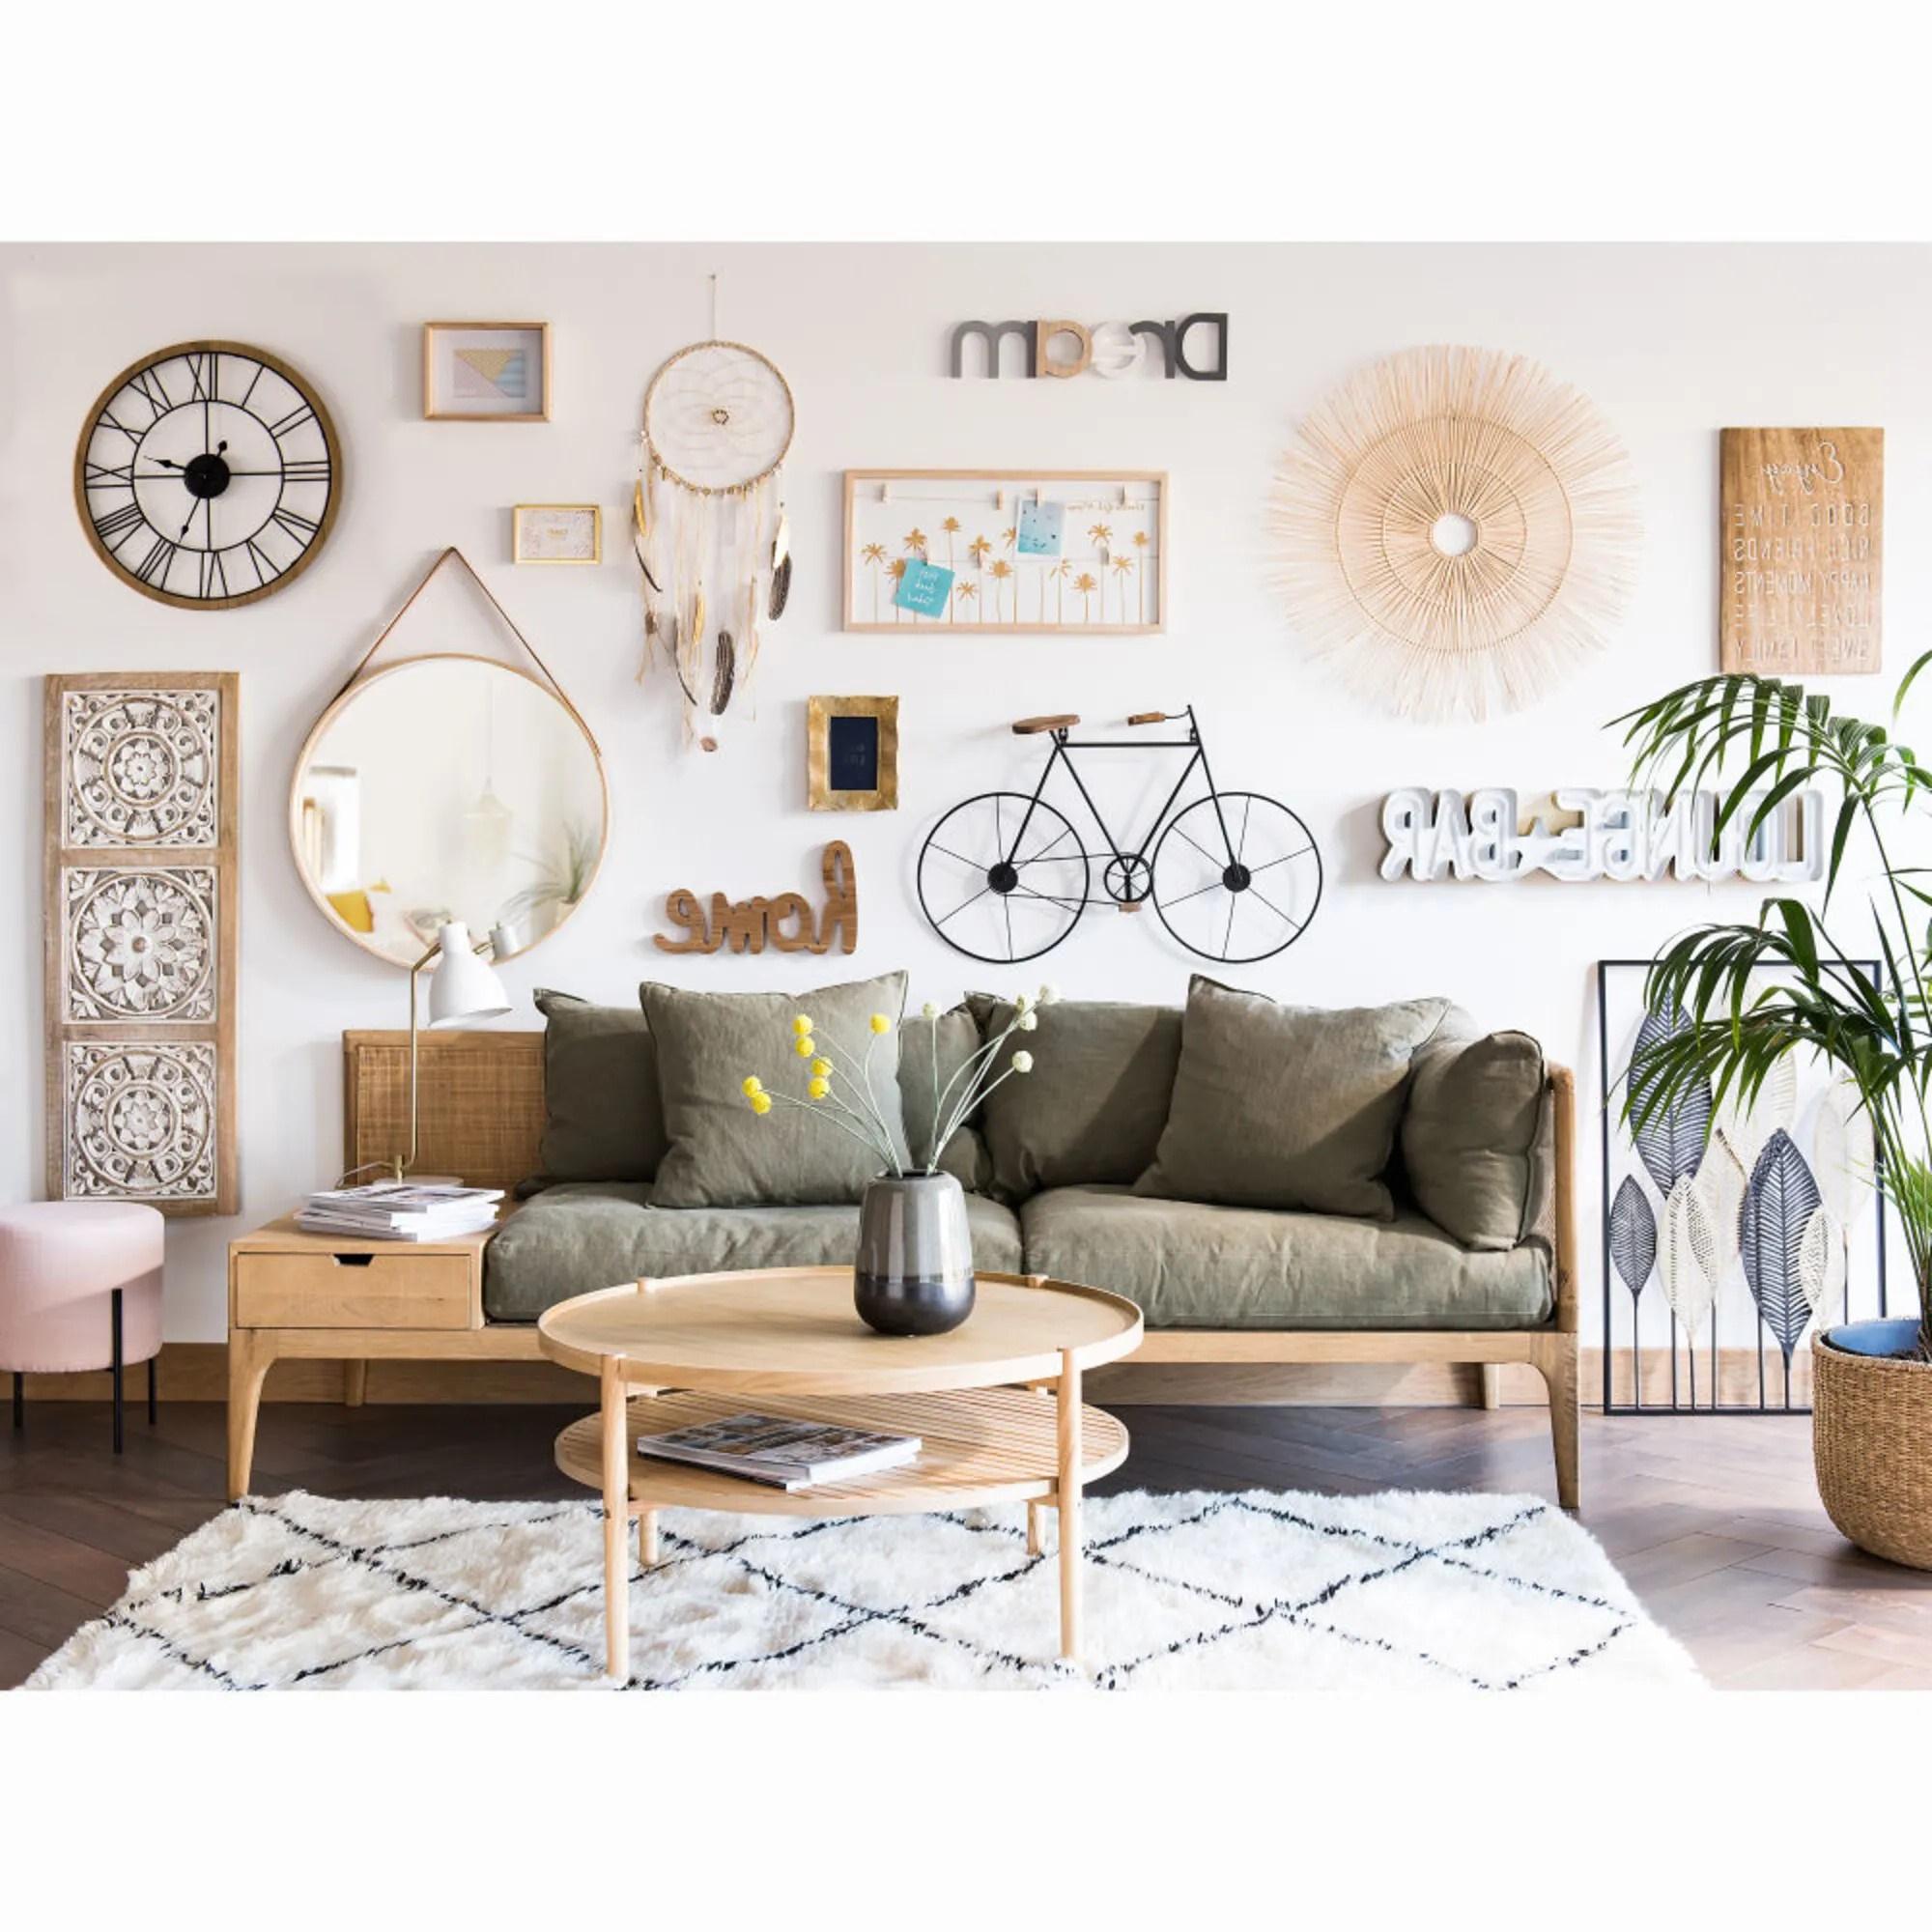 """Décoration murale """"Maison du Monde"""" avec son propre style"""